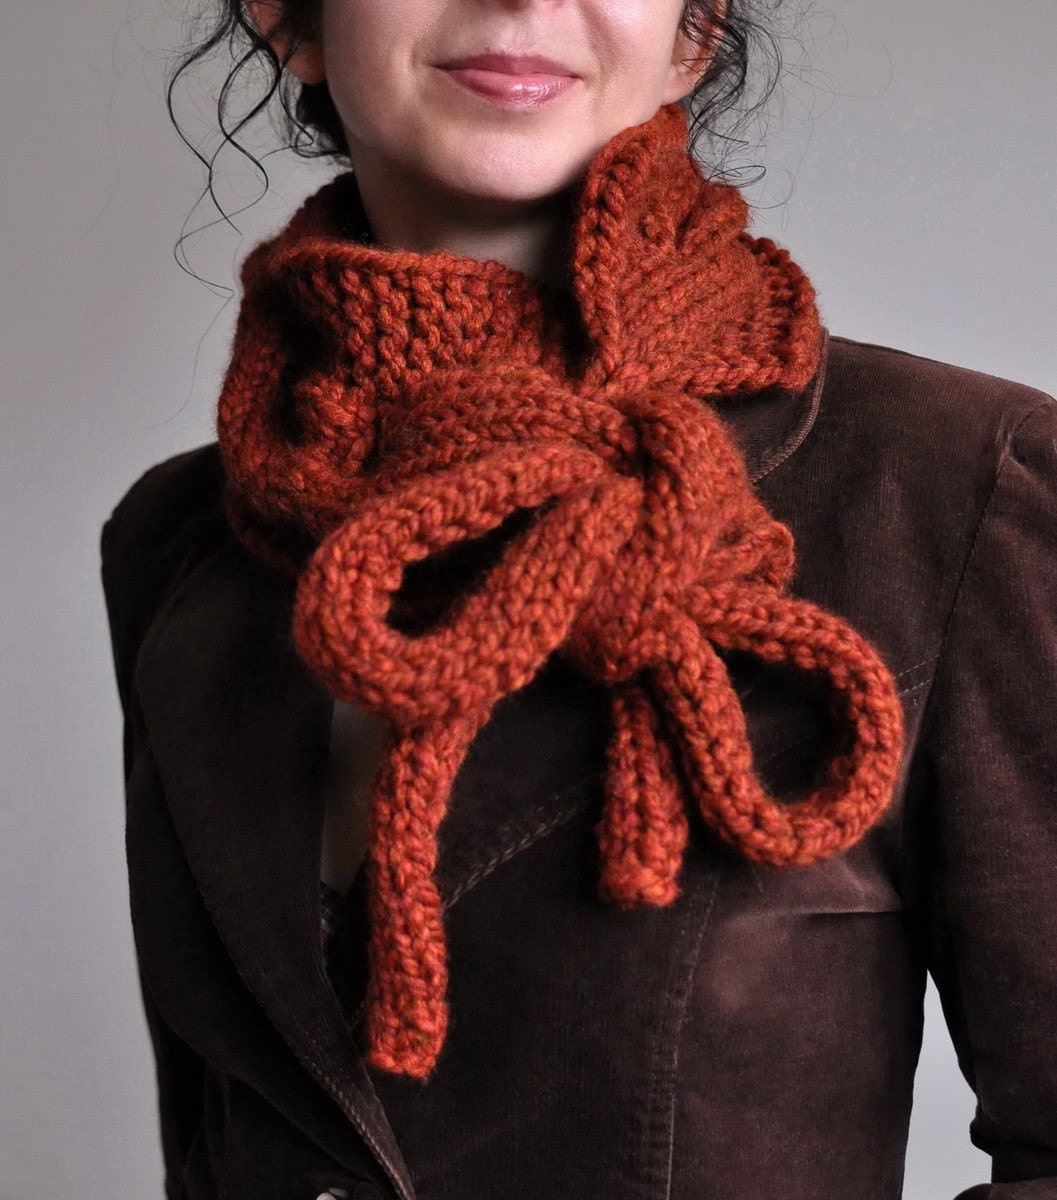 Twist Me Around - handknit superchunky телеграфировал neckwarmer / шарф / воротник / капота / перевязать шнурки с длинными Индивидуальные заказы в 16 цветов